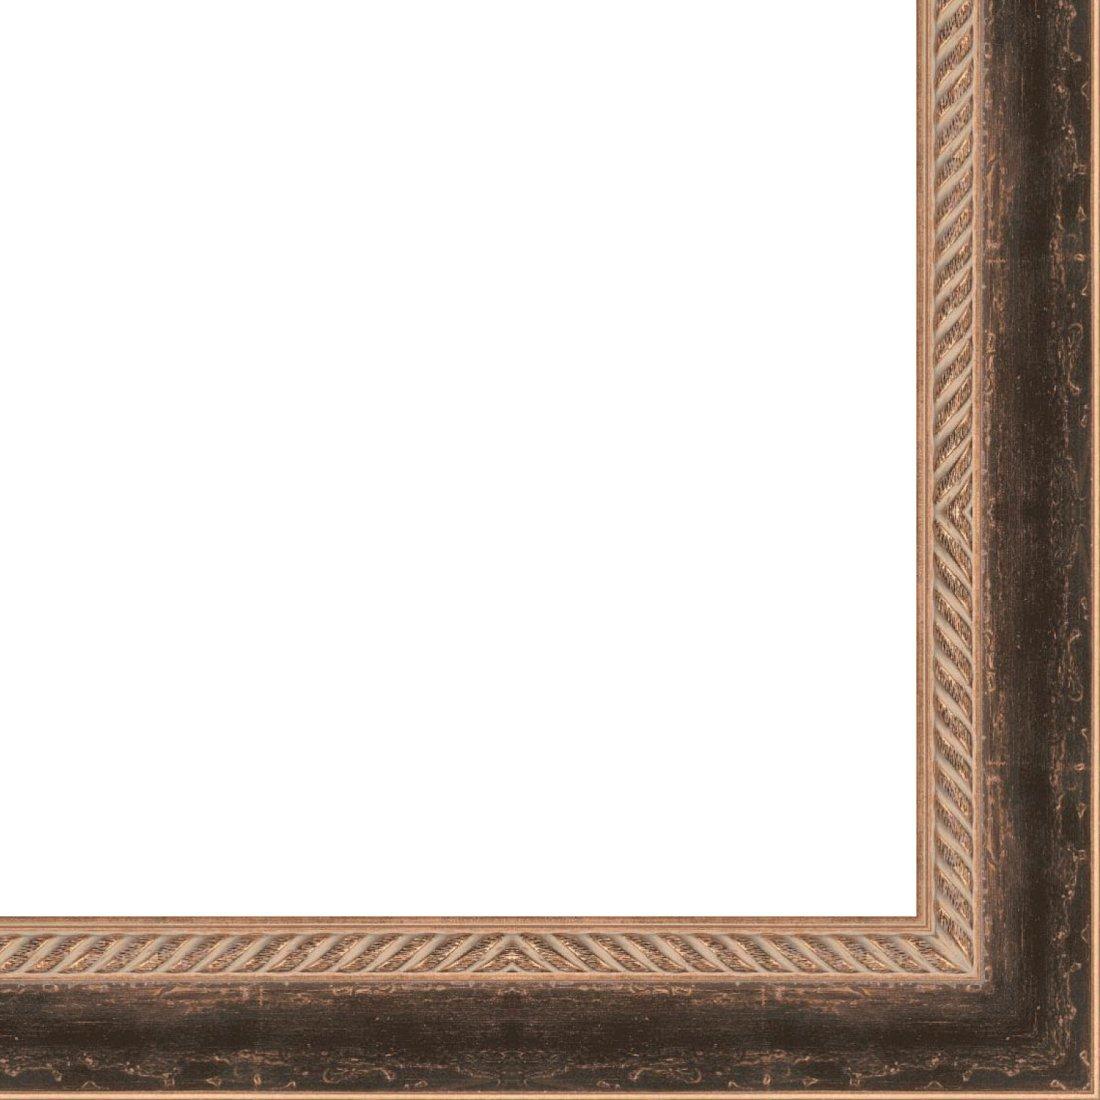 Picture Frame Moulding (Wood) 18ft bundle - Distressed/Aged Black Finish - 2.75'' width - 5/8'' rabbet depth